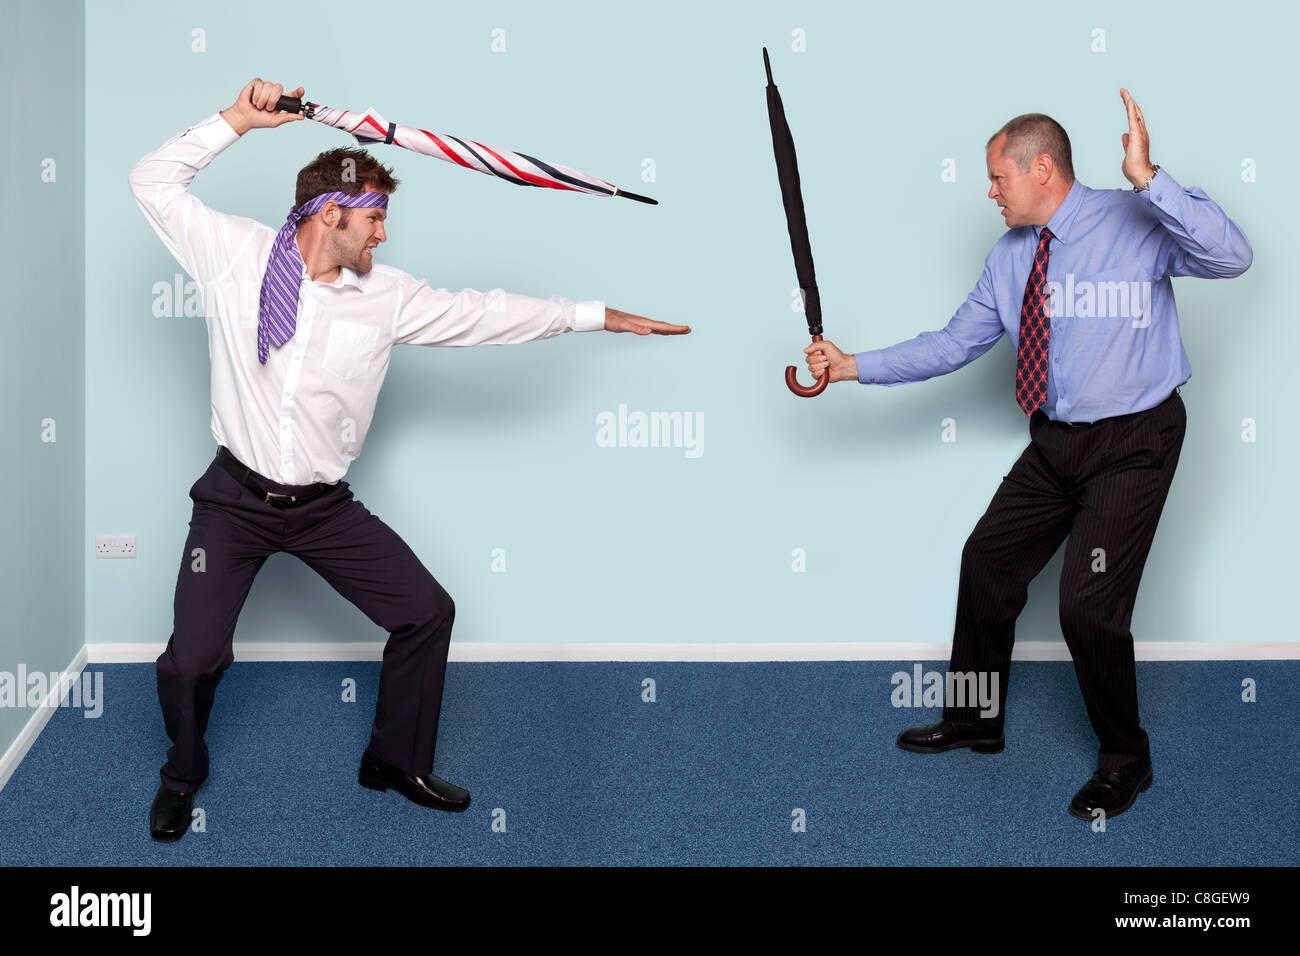 Photo de deux hommes d'avoir un combat à l'épée à l'aide de parapluies, bonne image Photo Stock